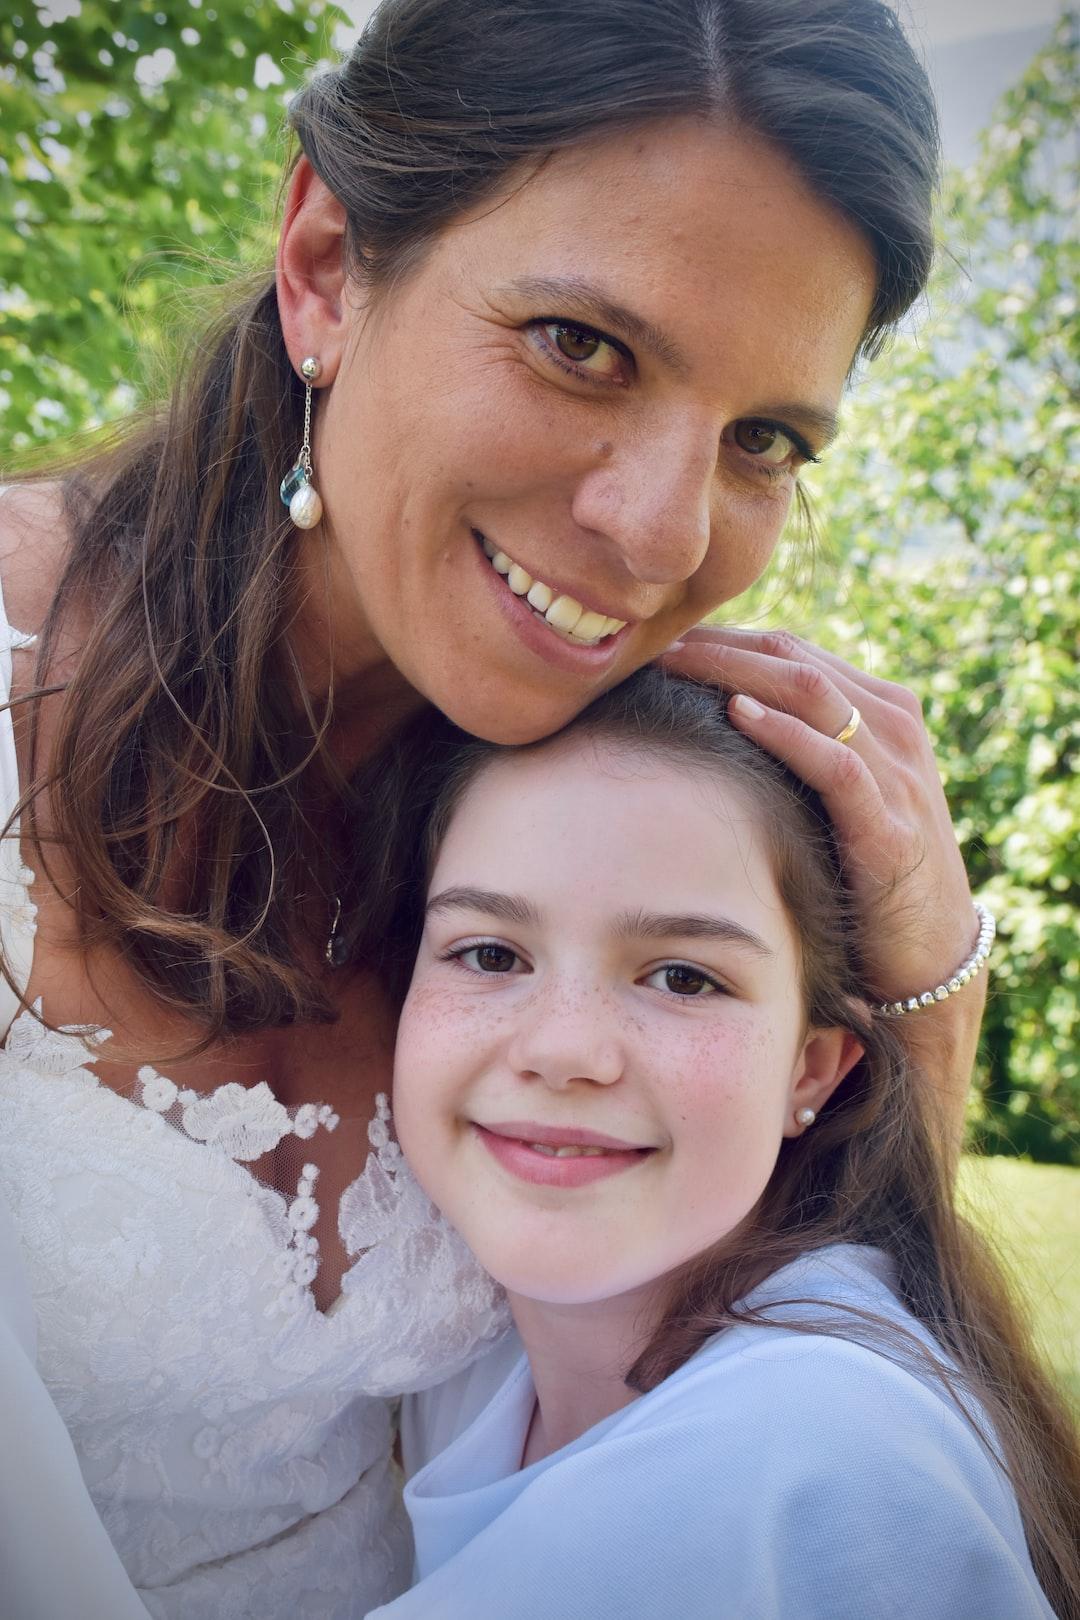 Happy bride and happy bridesmaid